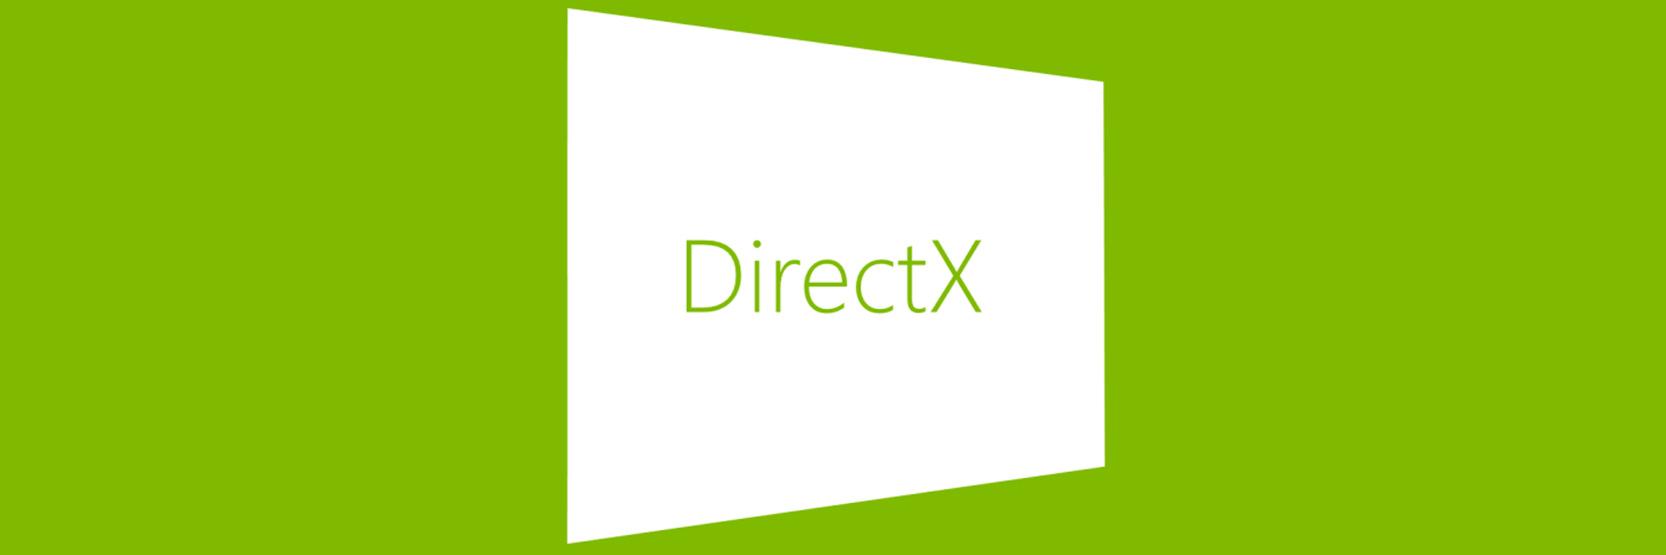 تحميل DirectX الضروري لتشغيل جميع الألعاب بالطريقة الصحيحة